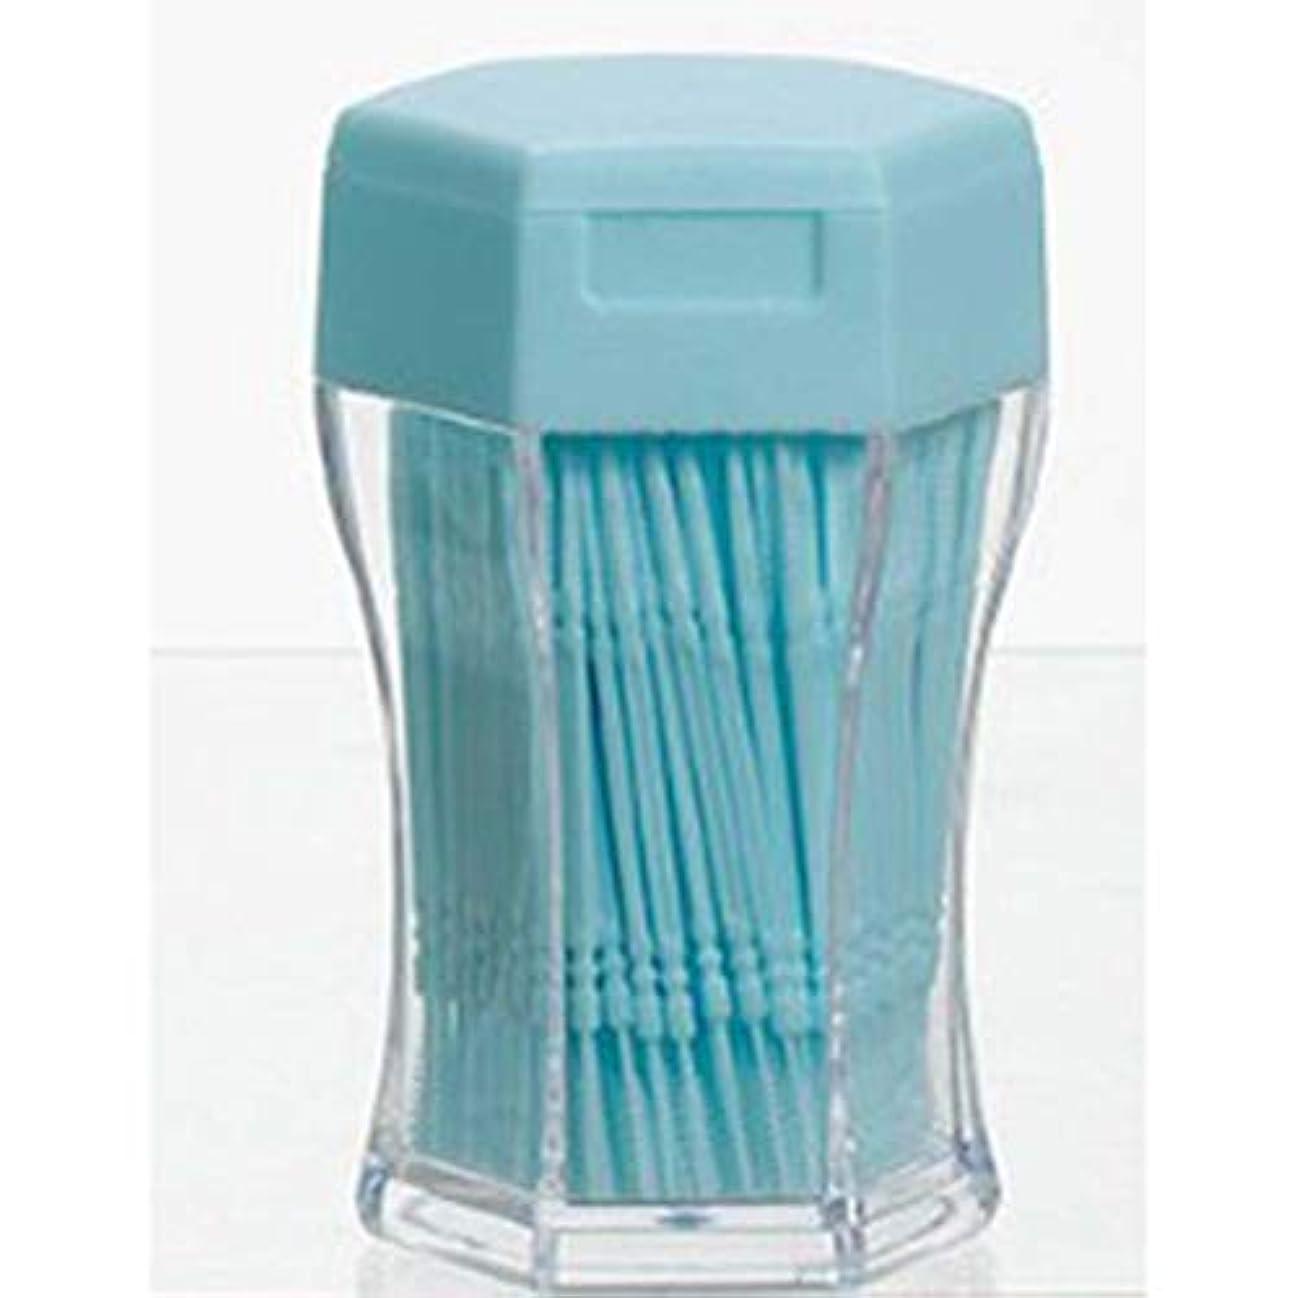 土器租界スポット200ピース/セットダブルヘッド歯フロス衛生デンタルフロスプラスチック歯間つまようじ健康用歯のクリーニングオーラルケア(Color:blue)